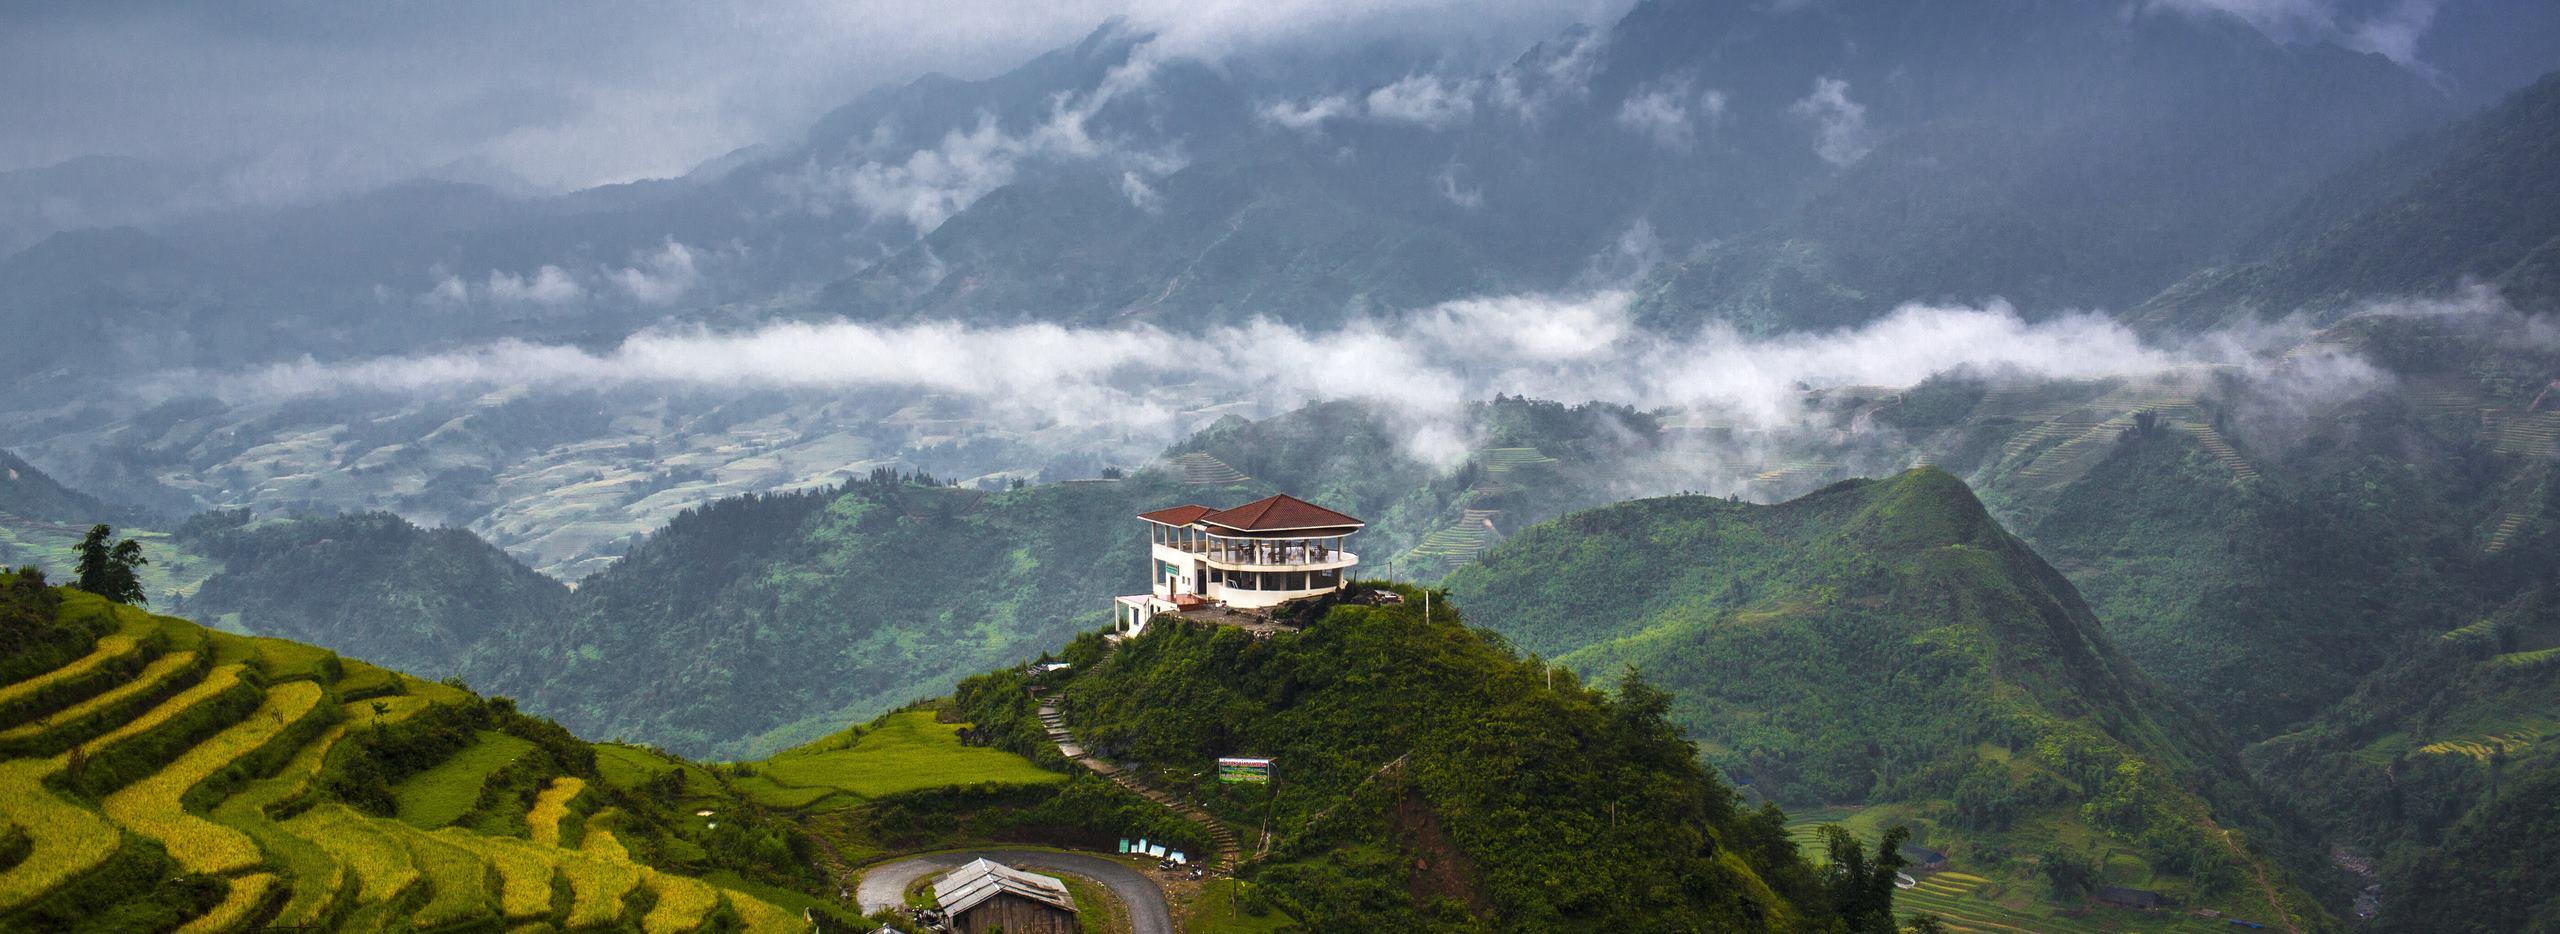 Высота над уровнем моря выше 4000 м